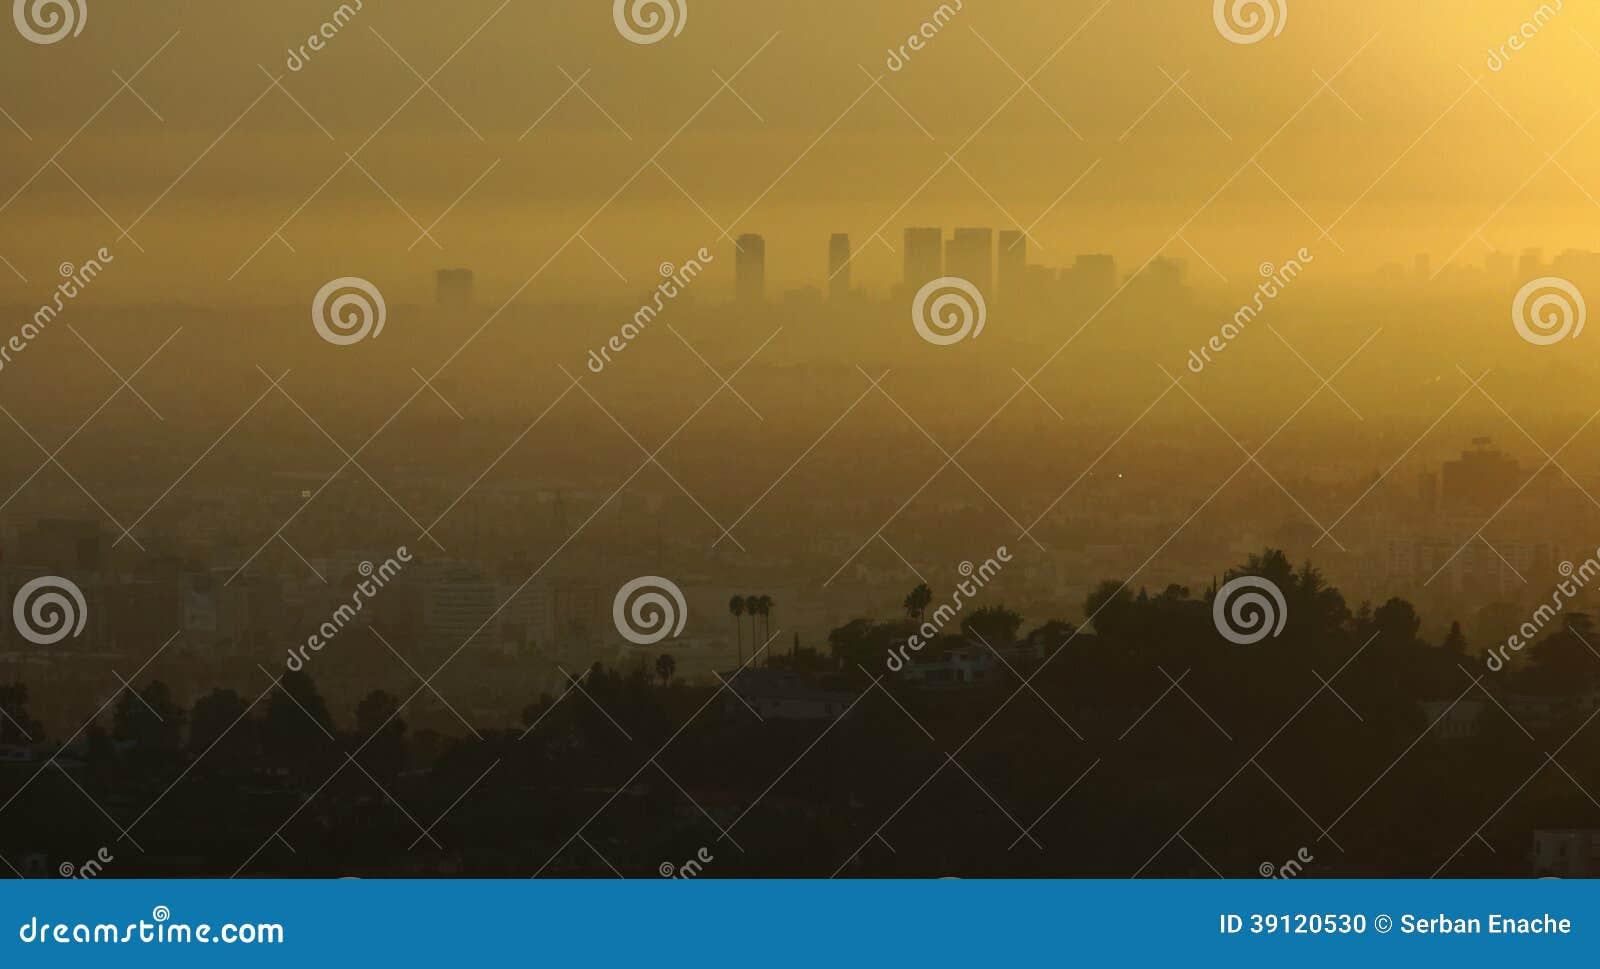 Los Ángeles y niebla con humo en la salida del sol